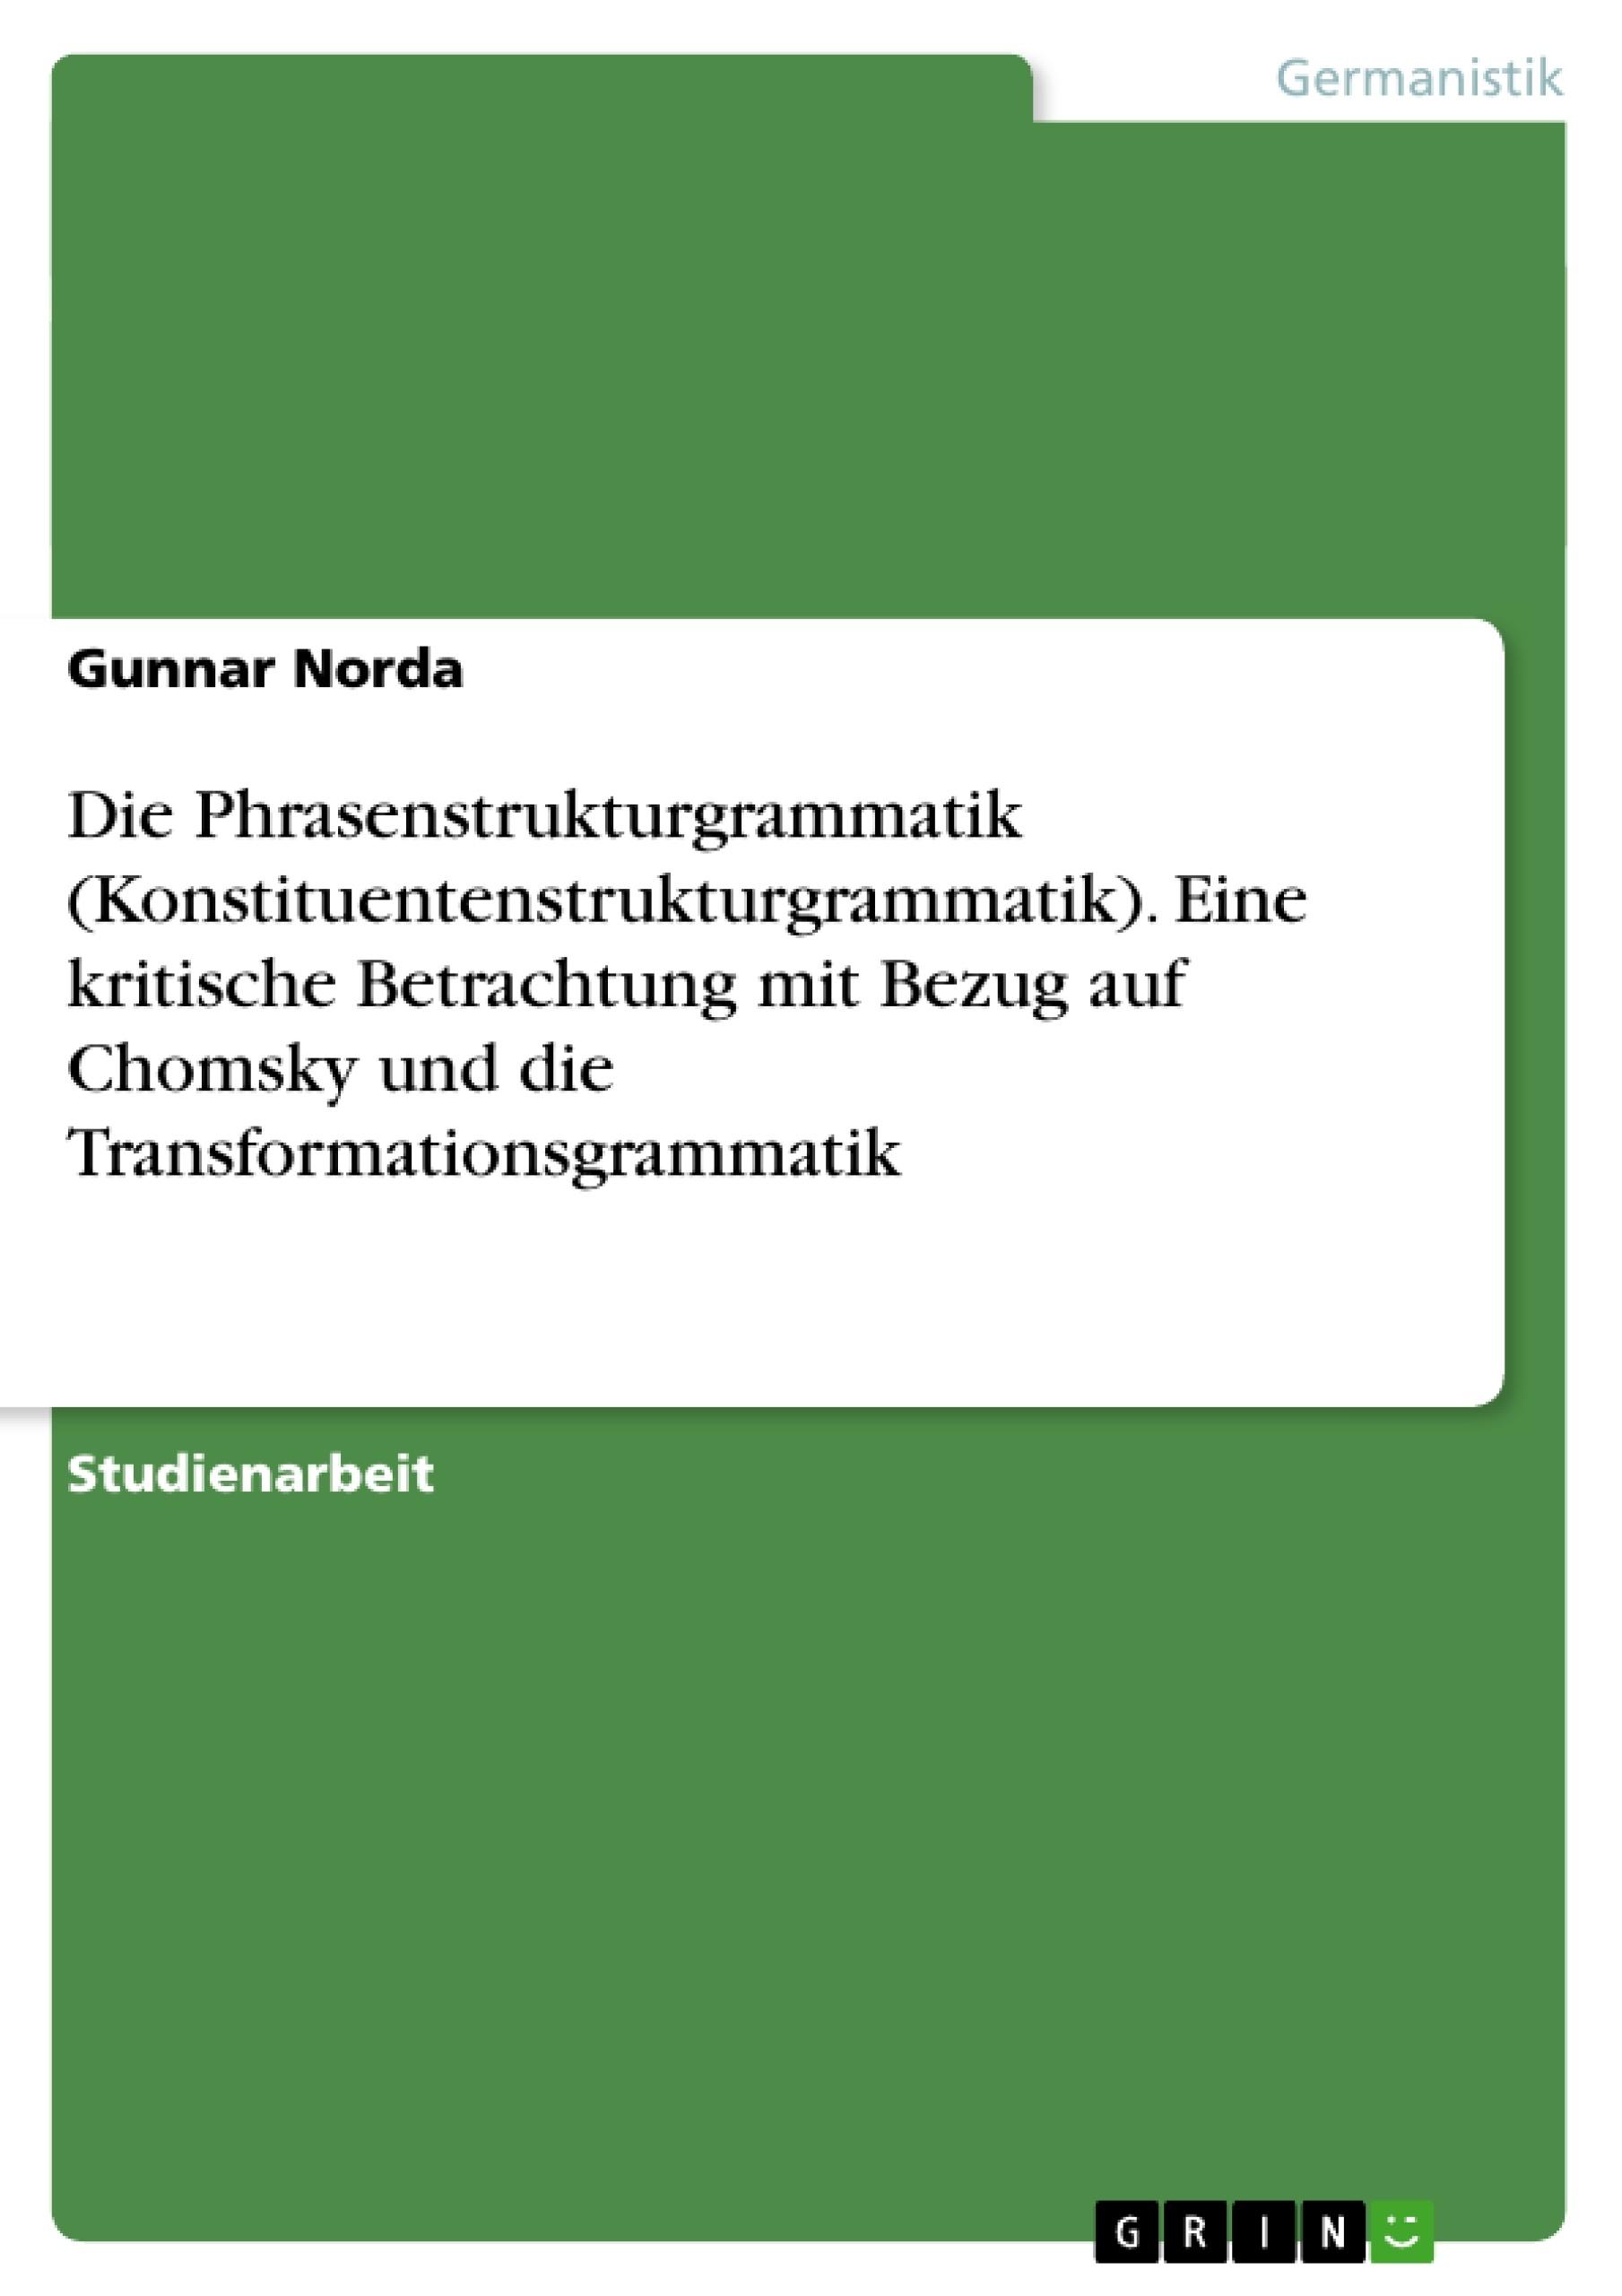 Titel: Die Phrasenstrukturgrammatik (Konstituentenstrukturgrammatik). Eine kritische Betrachtung mit Bezug auf Chomsky und die Transformationsgrammatik